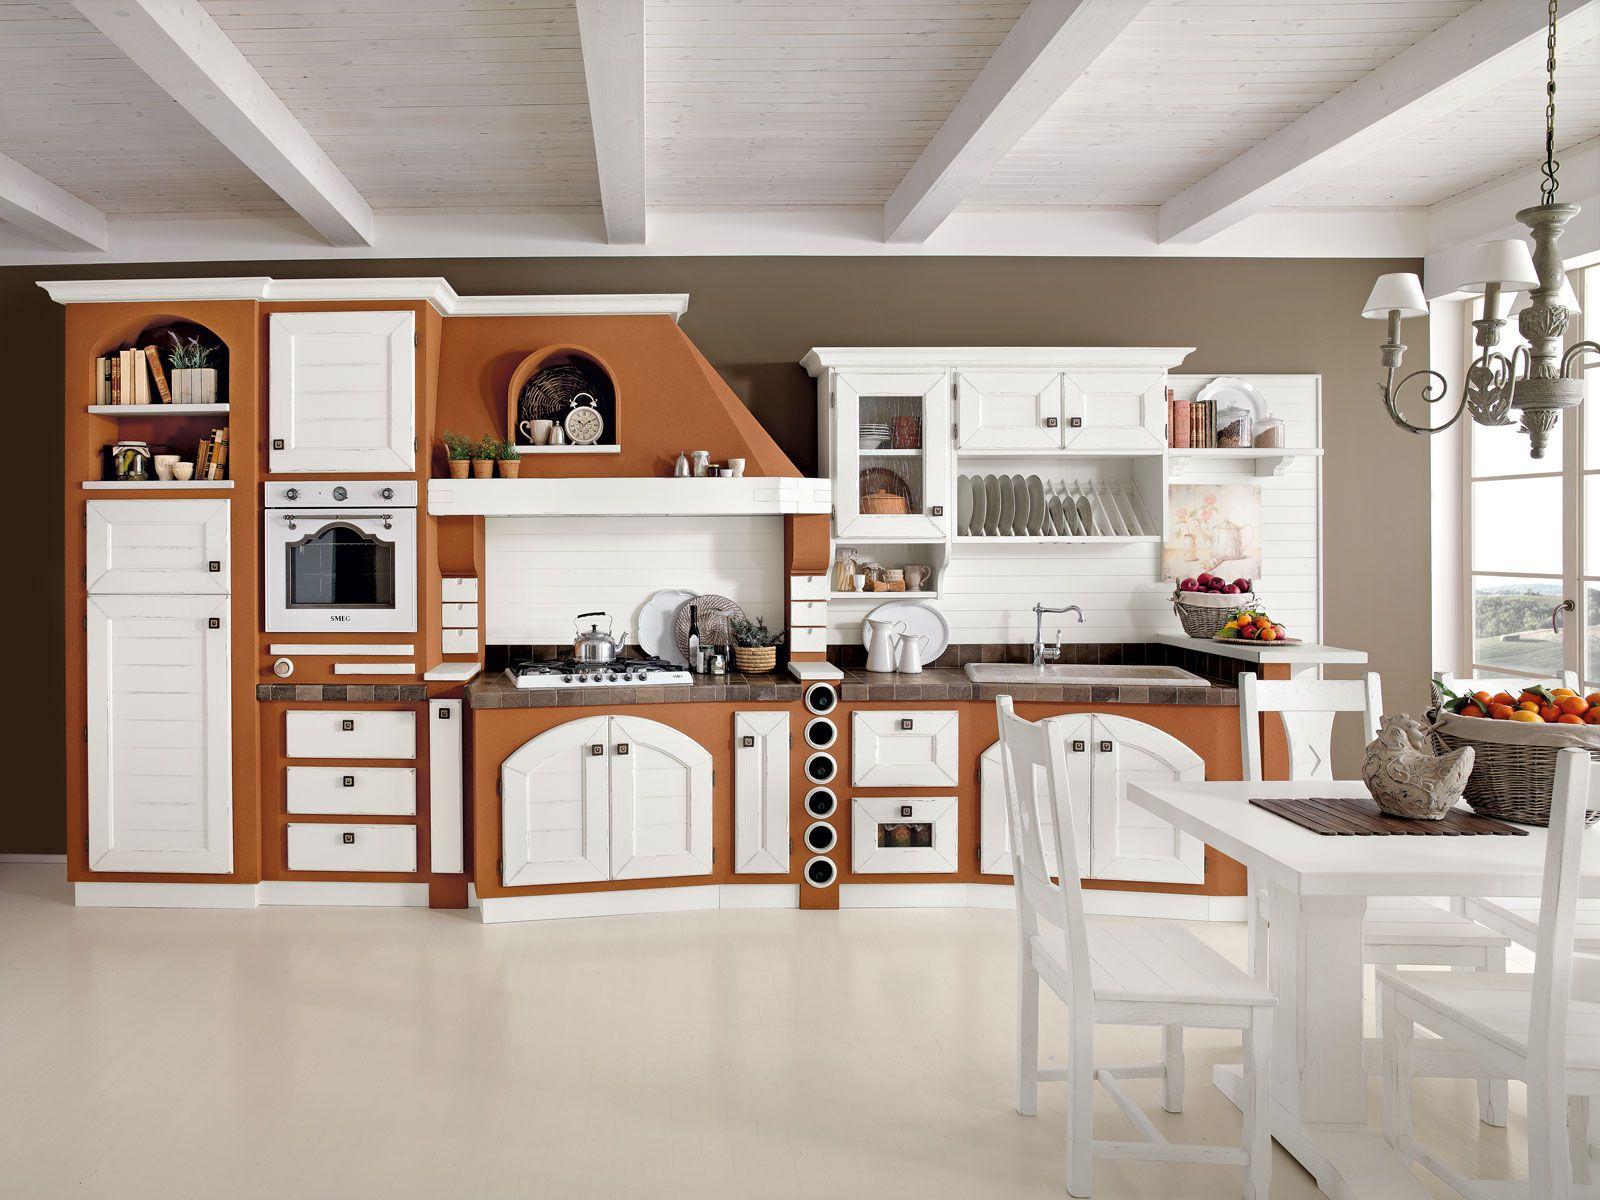 Cucine effetto muratura vera o finta bianco rustico bugna e rustico - Cucine in muratura lube ...